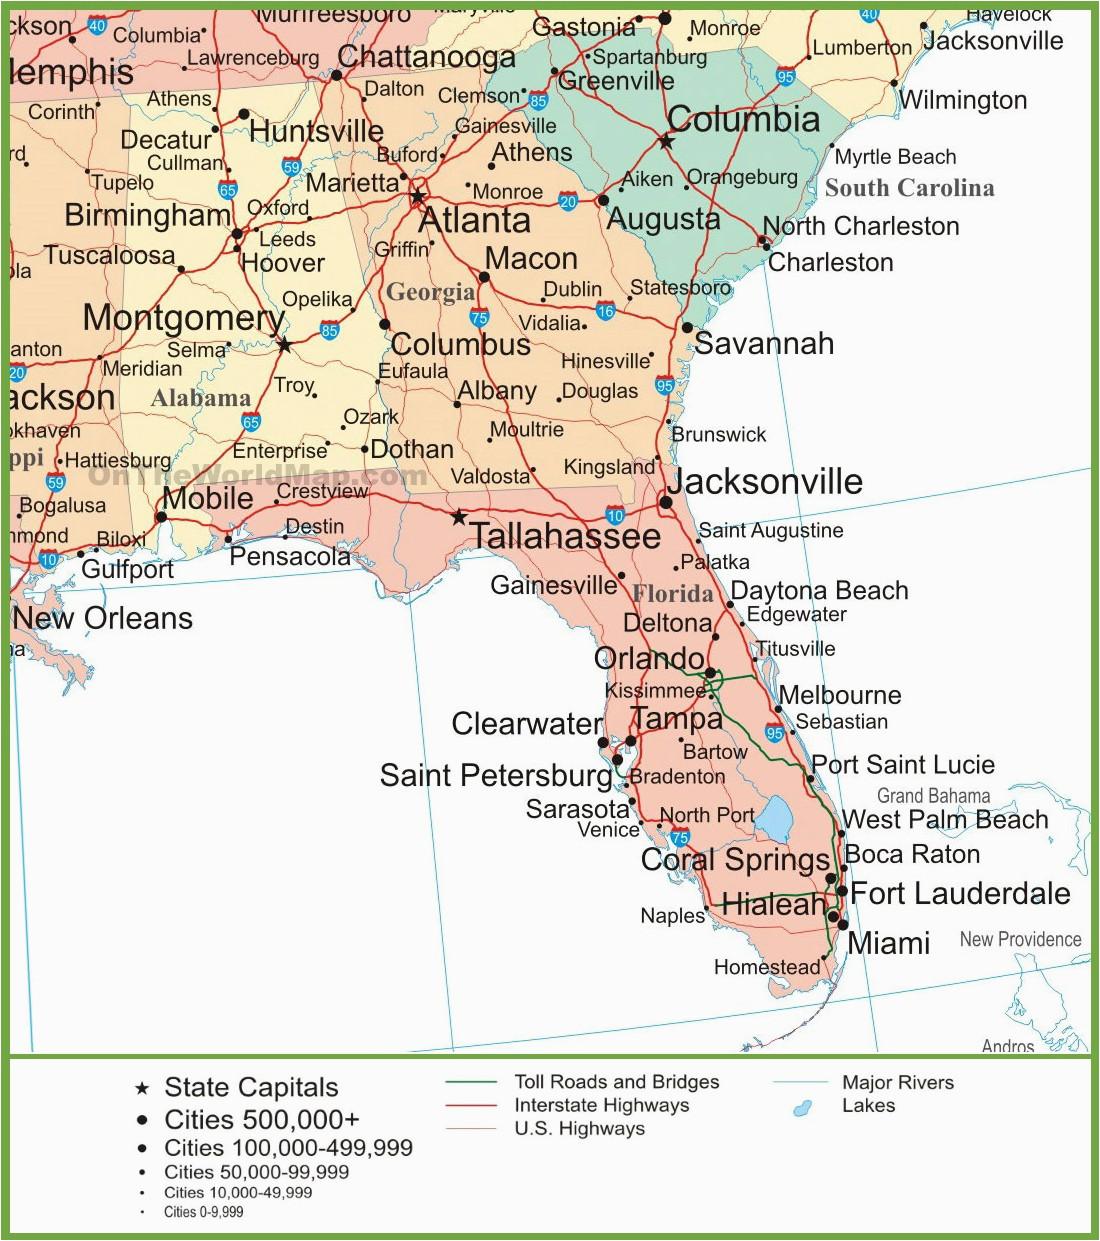 Map Of Alabama and Florida Highways Map Of Alabama Georgia and Florida